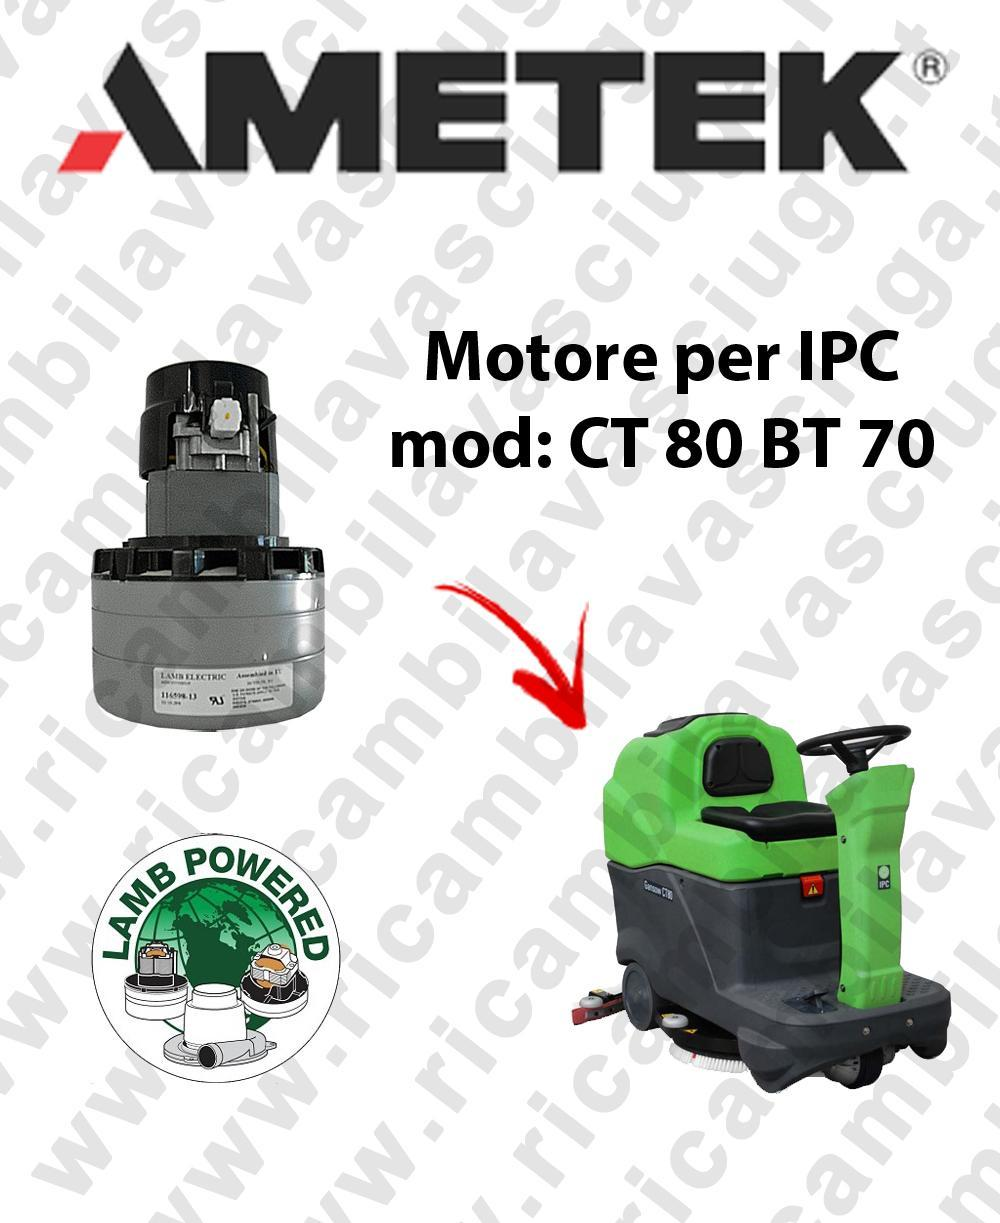 CT 80 BT 70 Motore de aspiración LAMB AMETEK para fregadora IPC